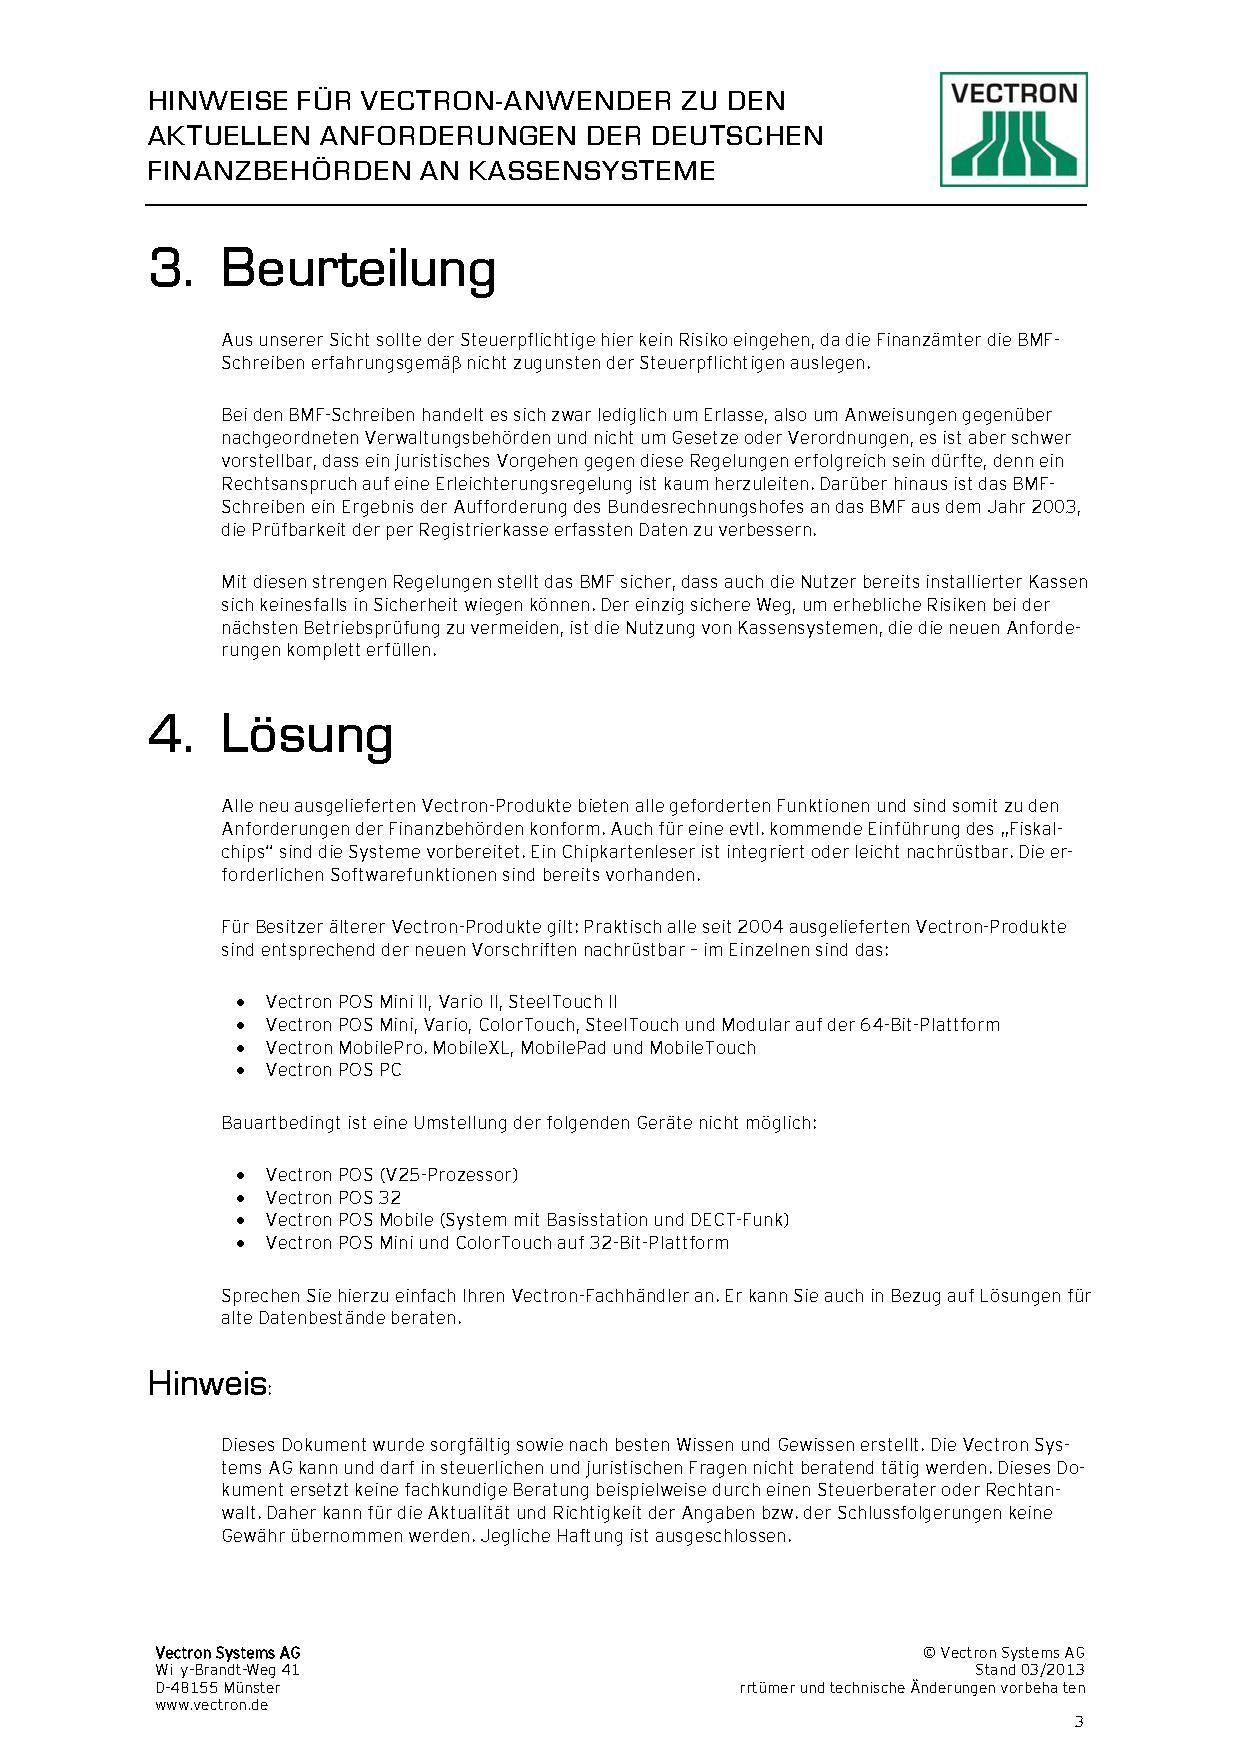 Fiskalanforderungen_Anwenderinformationen_3